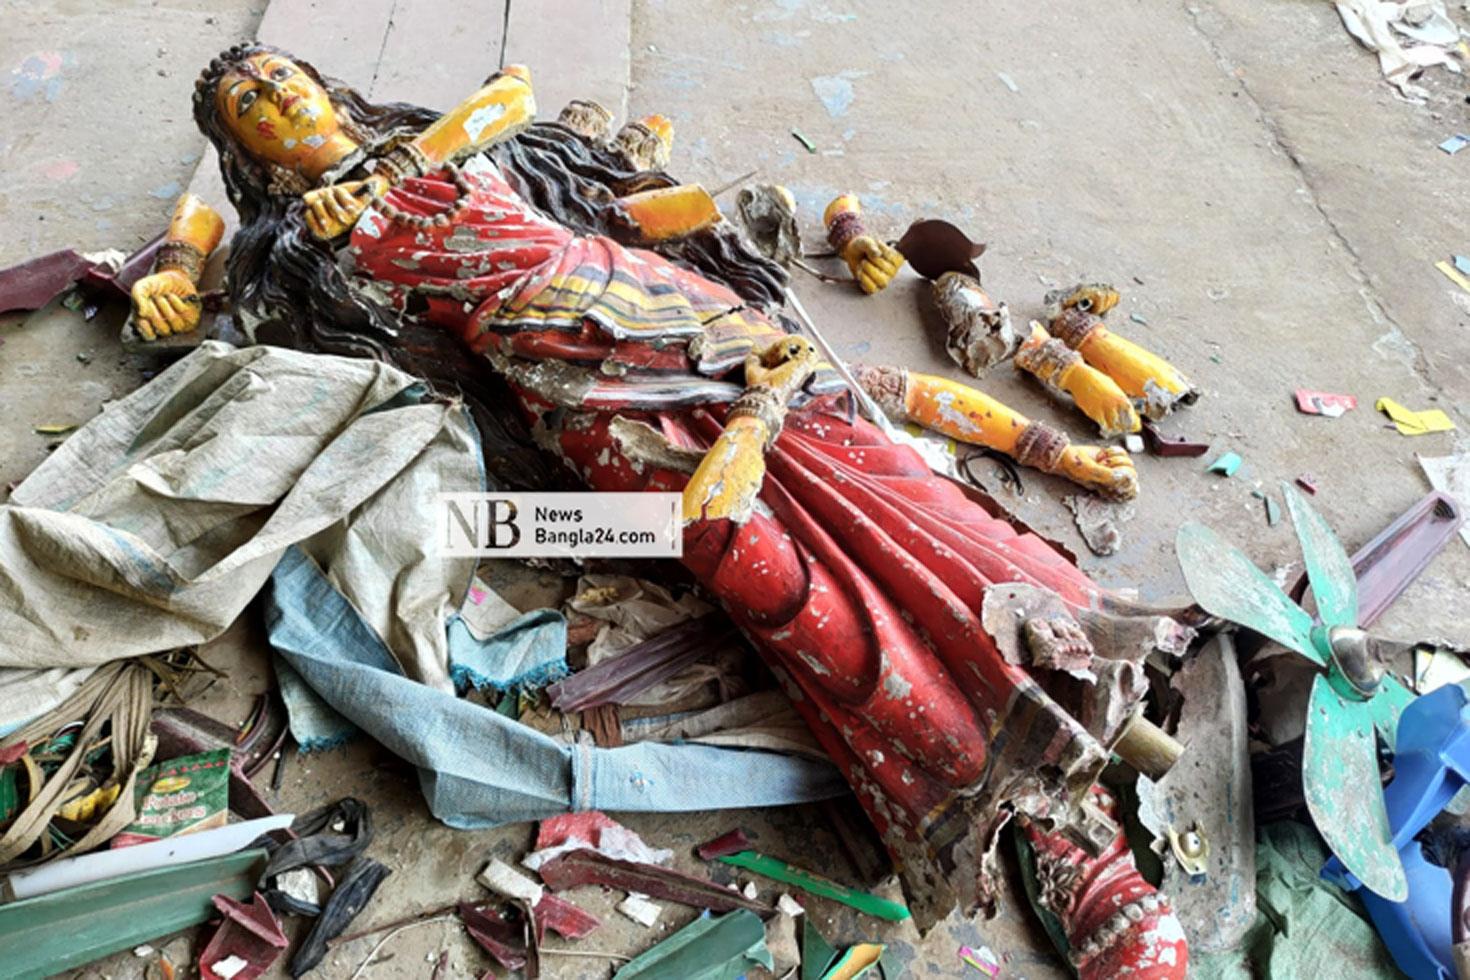 বেগমগঞ্জে আগে প্রতিমা বিসর্জন দিয়েও ঠেকানো যায়নি হামলা